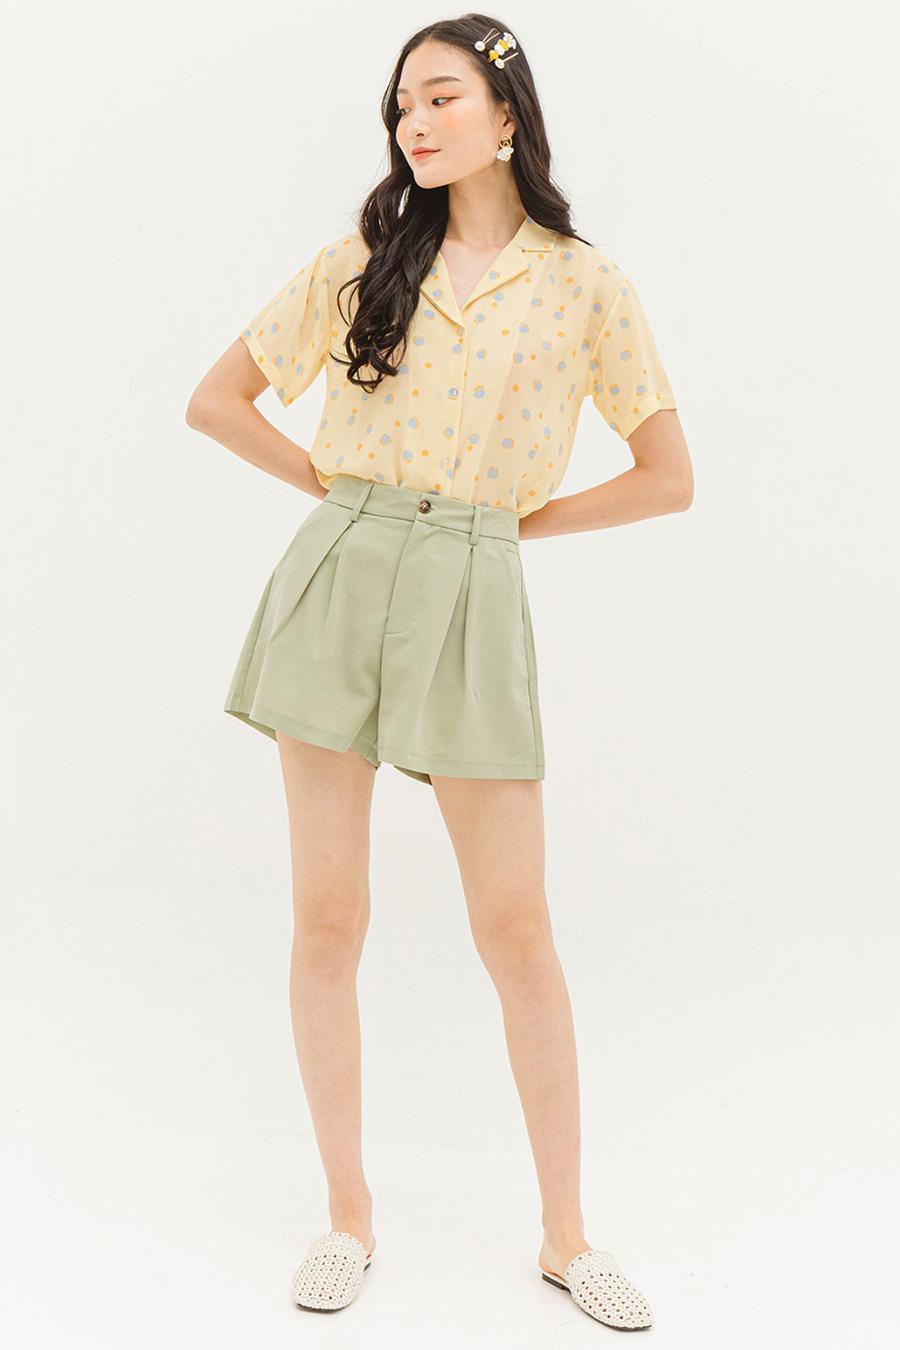 SEZAN TOP - SPECKLES